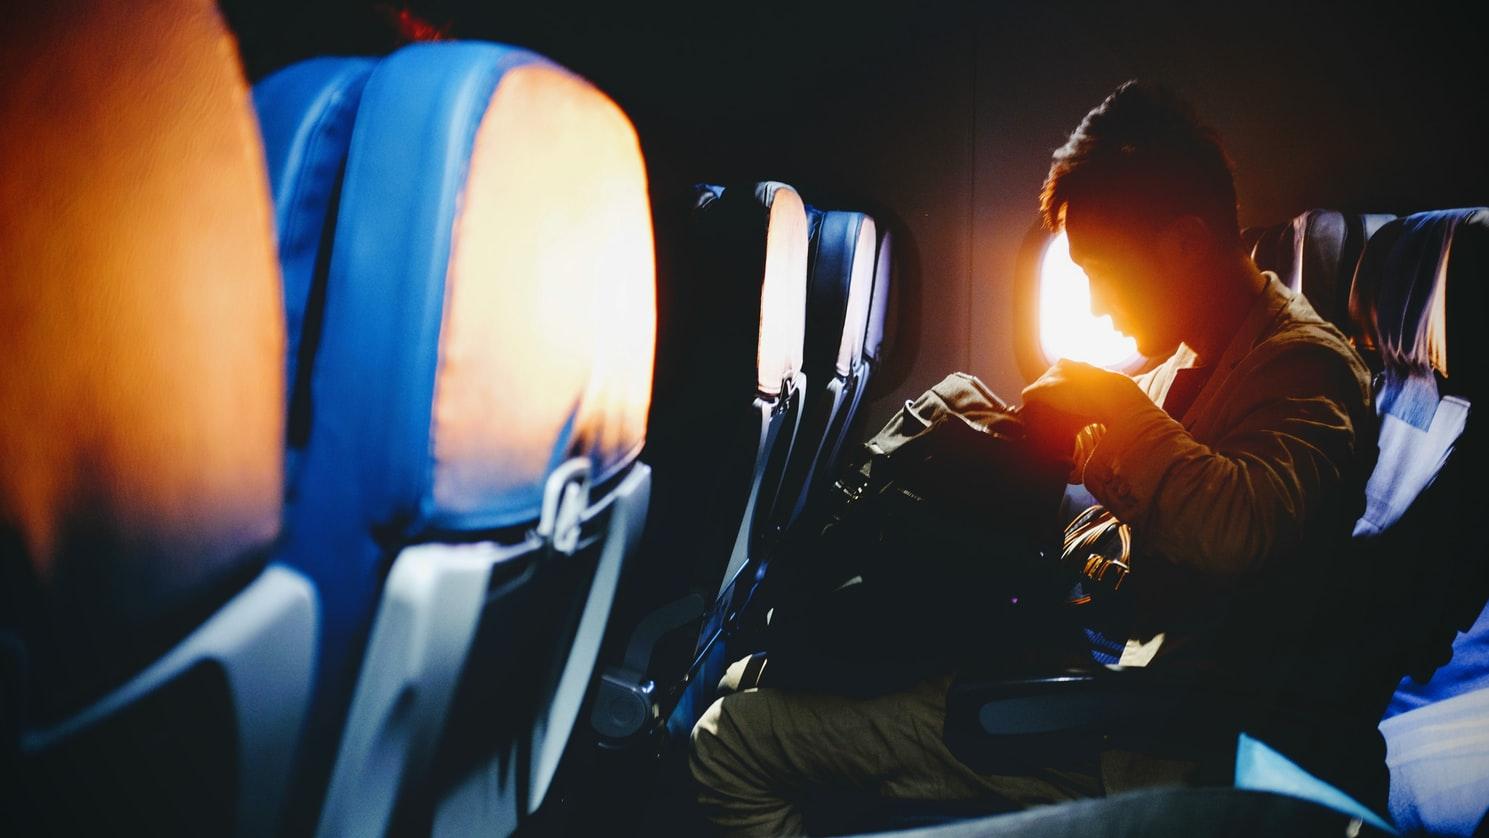 Καθίσματα αεροπλάνου